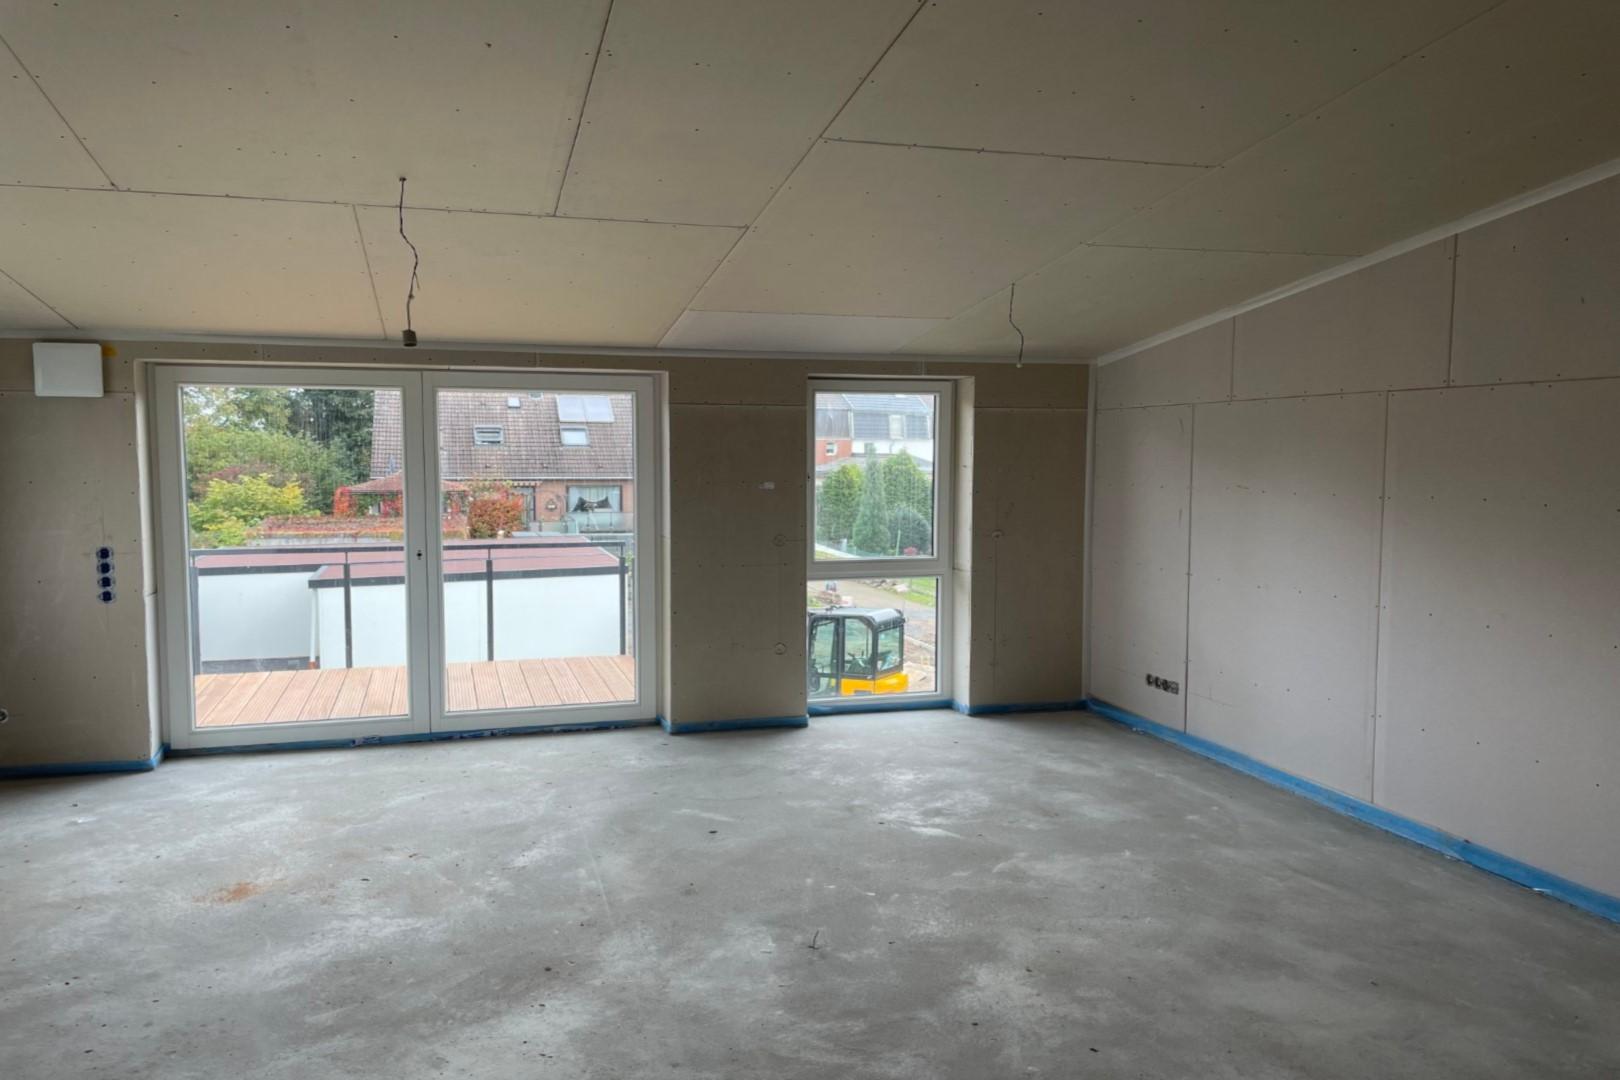 Immobilie Nr.0362b - Etagenwohung mit externem Zugang als 3-Zimmer-Whg. - Bild 9.jpg